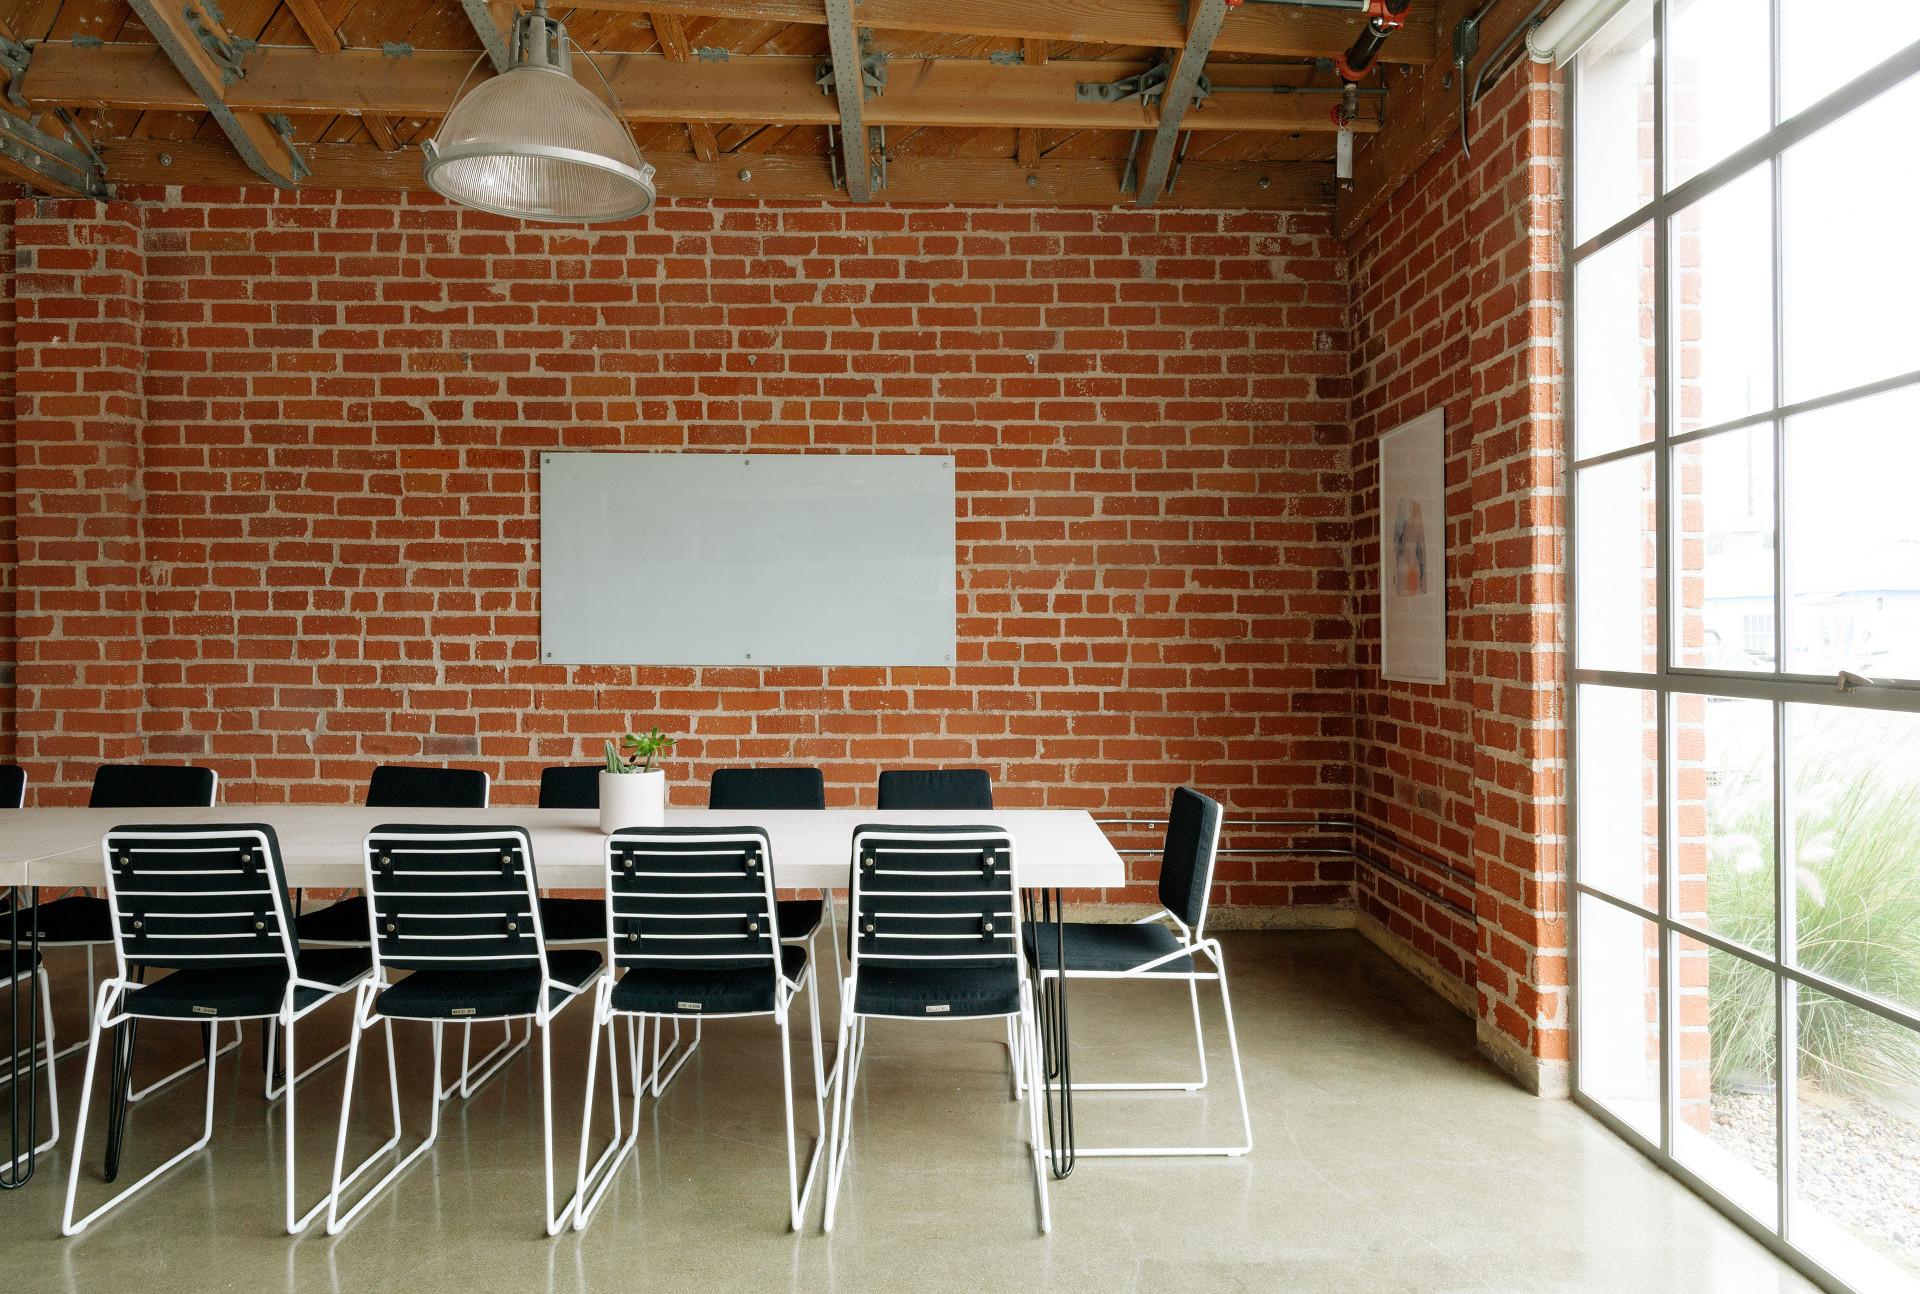 営業会議を効率化!営業会議の役割、効率的な進め方と議題例を紹介 | Senses Lab. | top